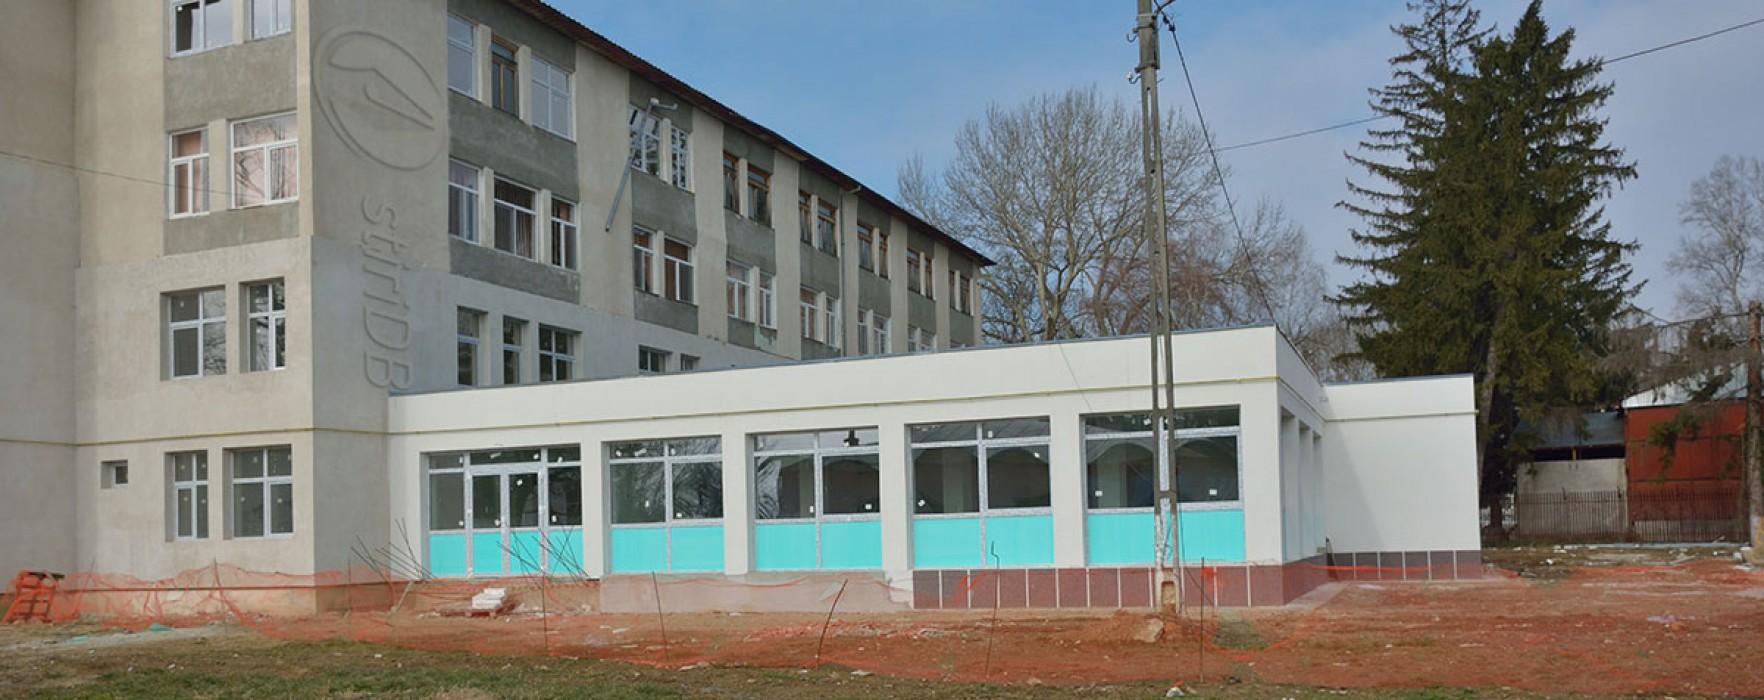 Centrul Social Găeşti, modernizat cu bani europeni